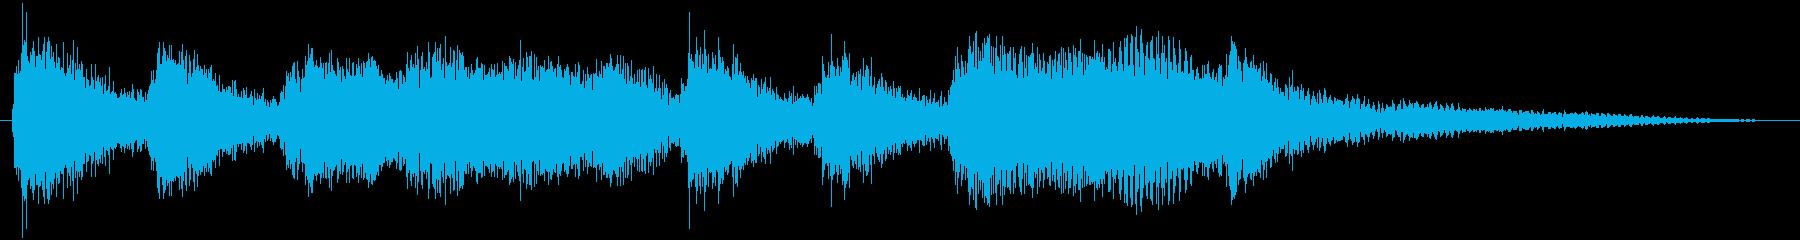 クラシックなイベント達成音ジングル1の再生済みの波形